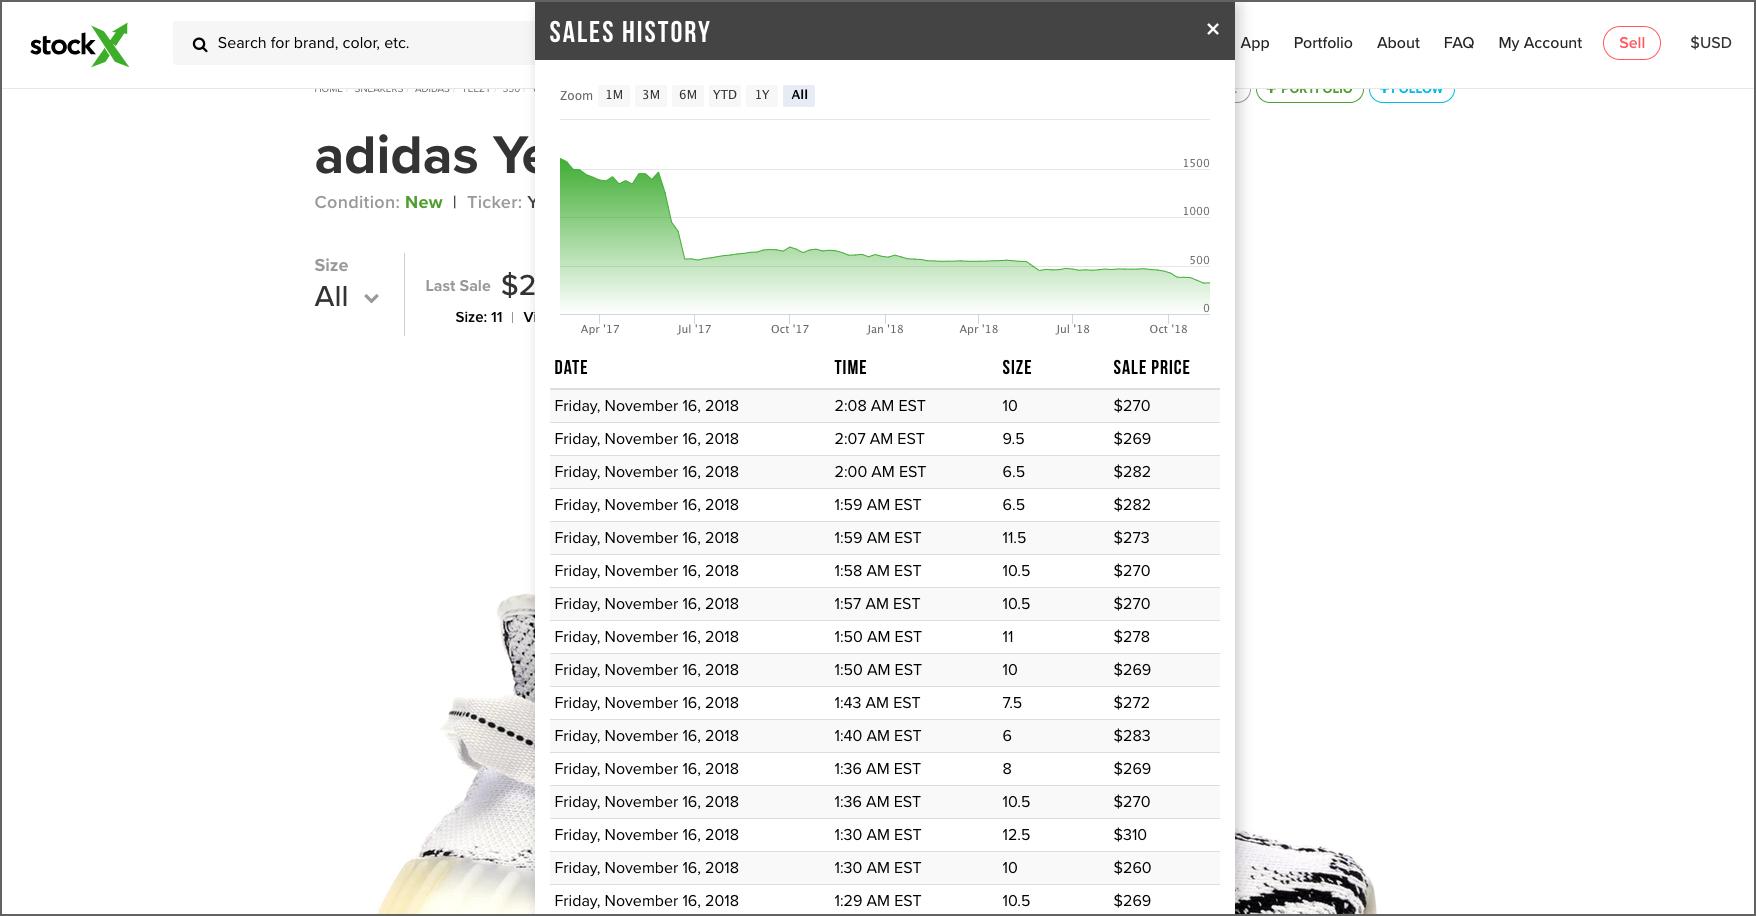 Yeezy 350 V2 Zebra Restock Resale Data Analysis - Future